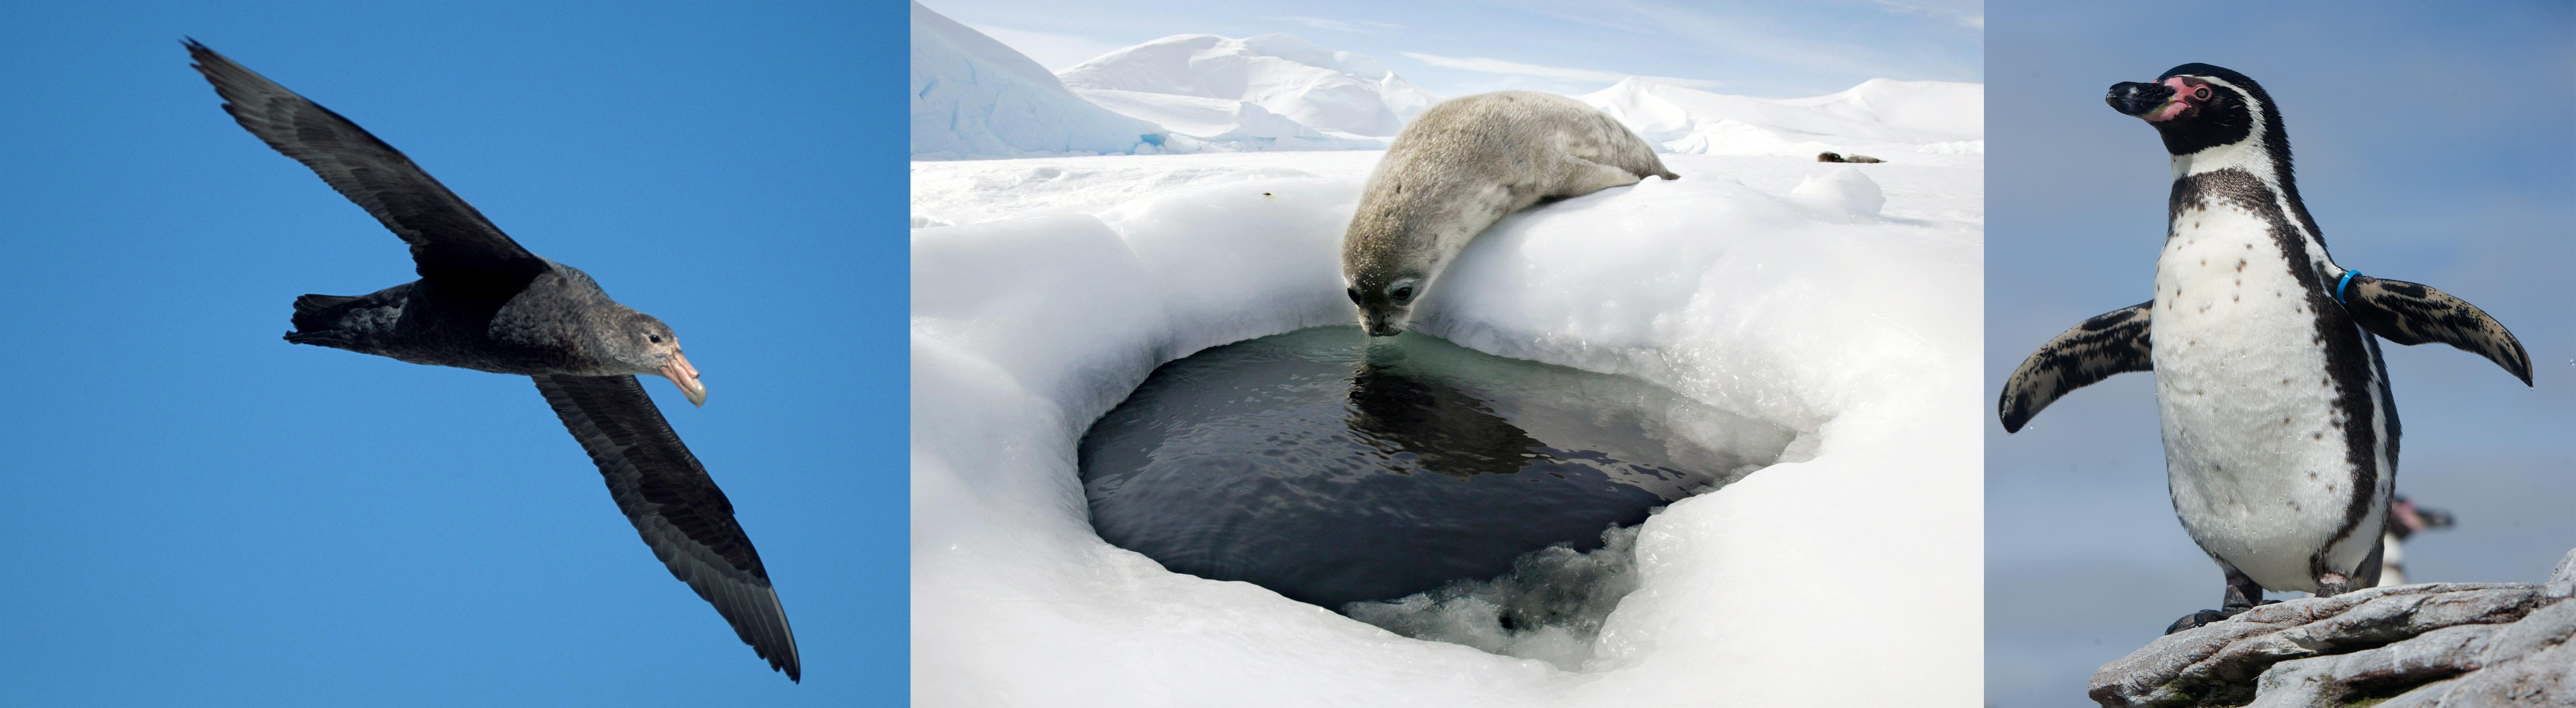 Albatros, Seeloeopard und Pinguin. Alles Bewohner der Antarktis.